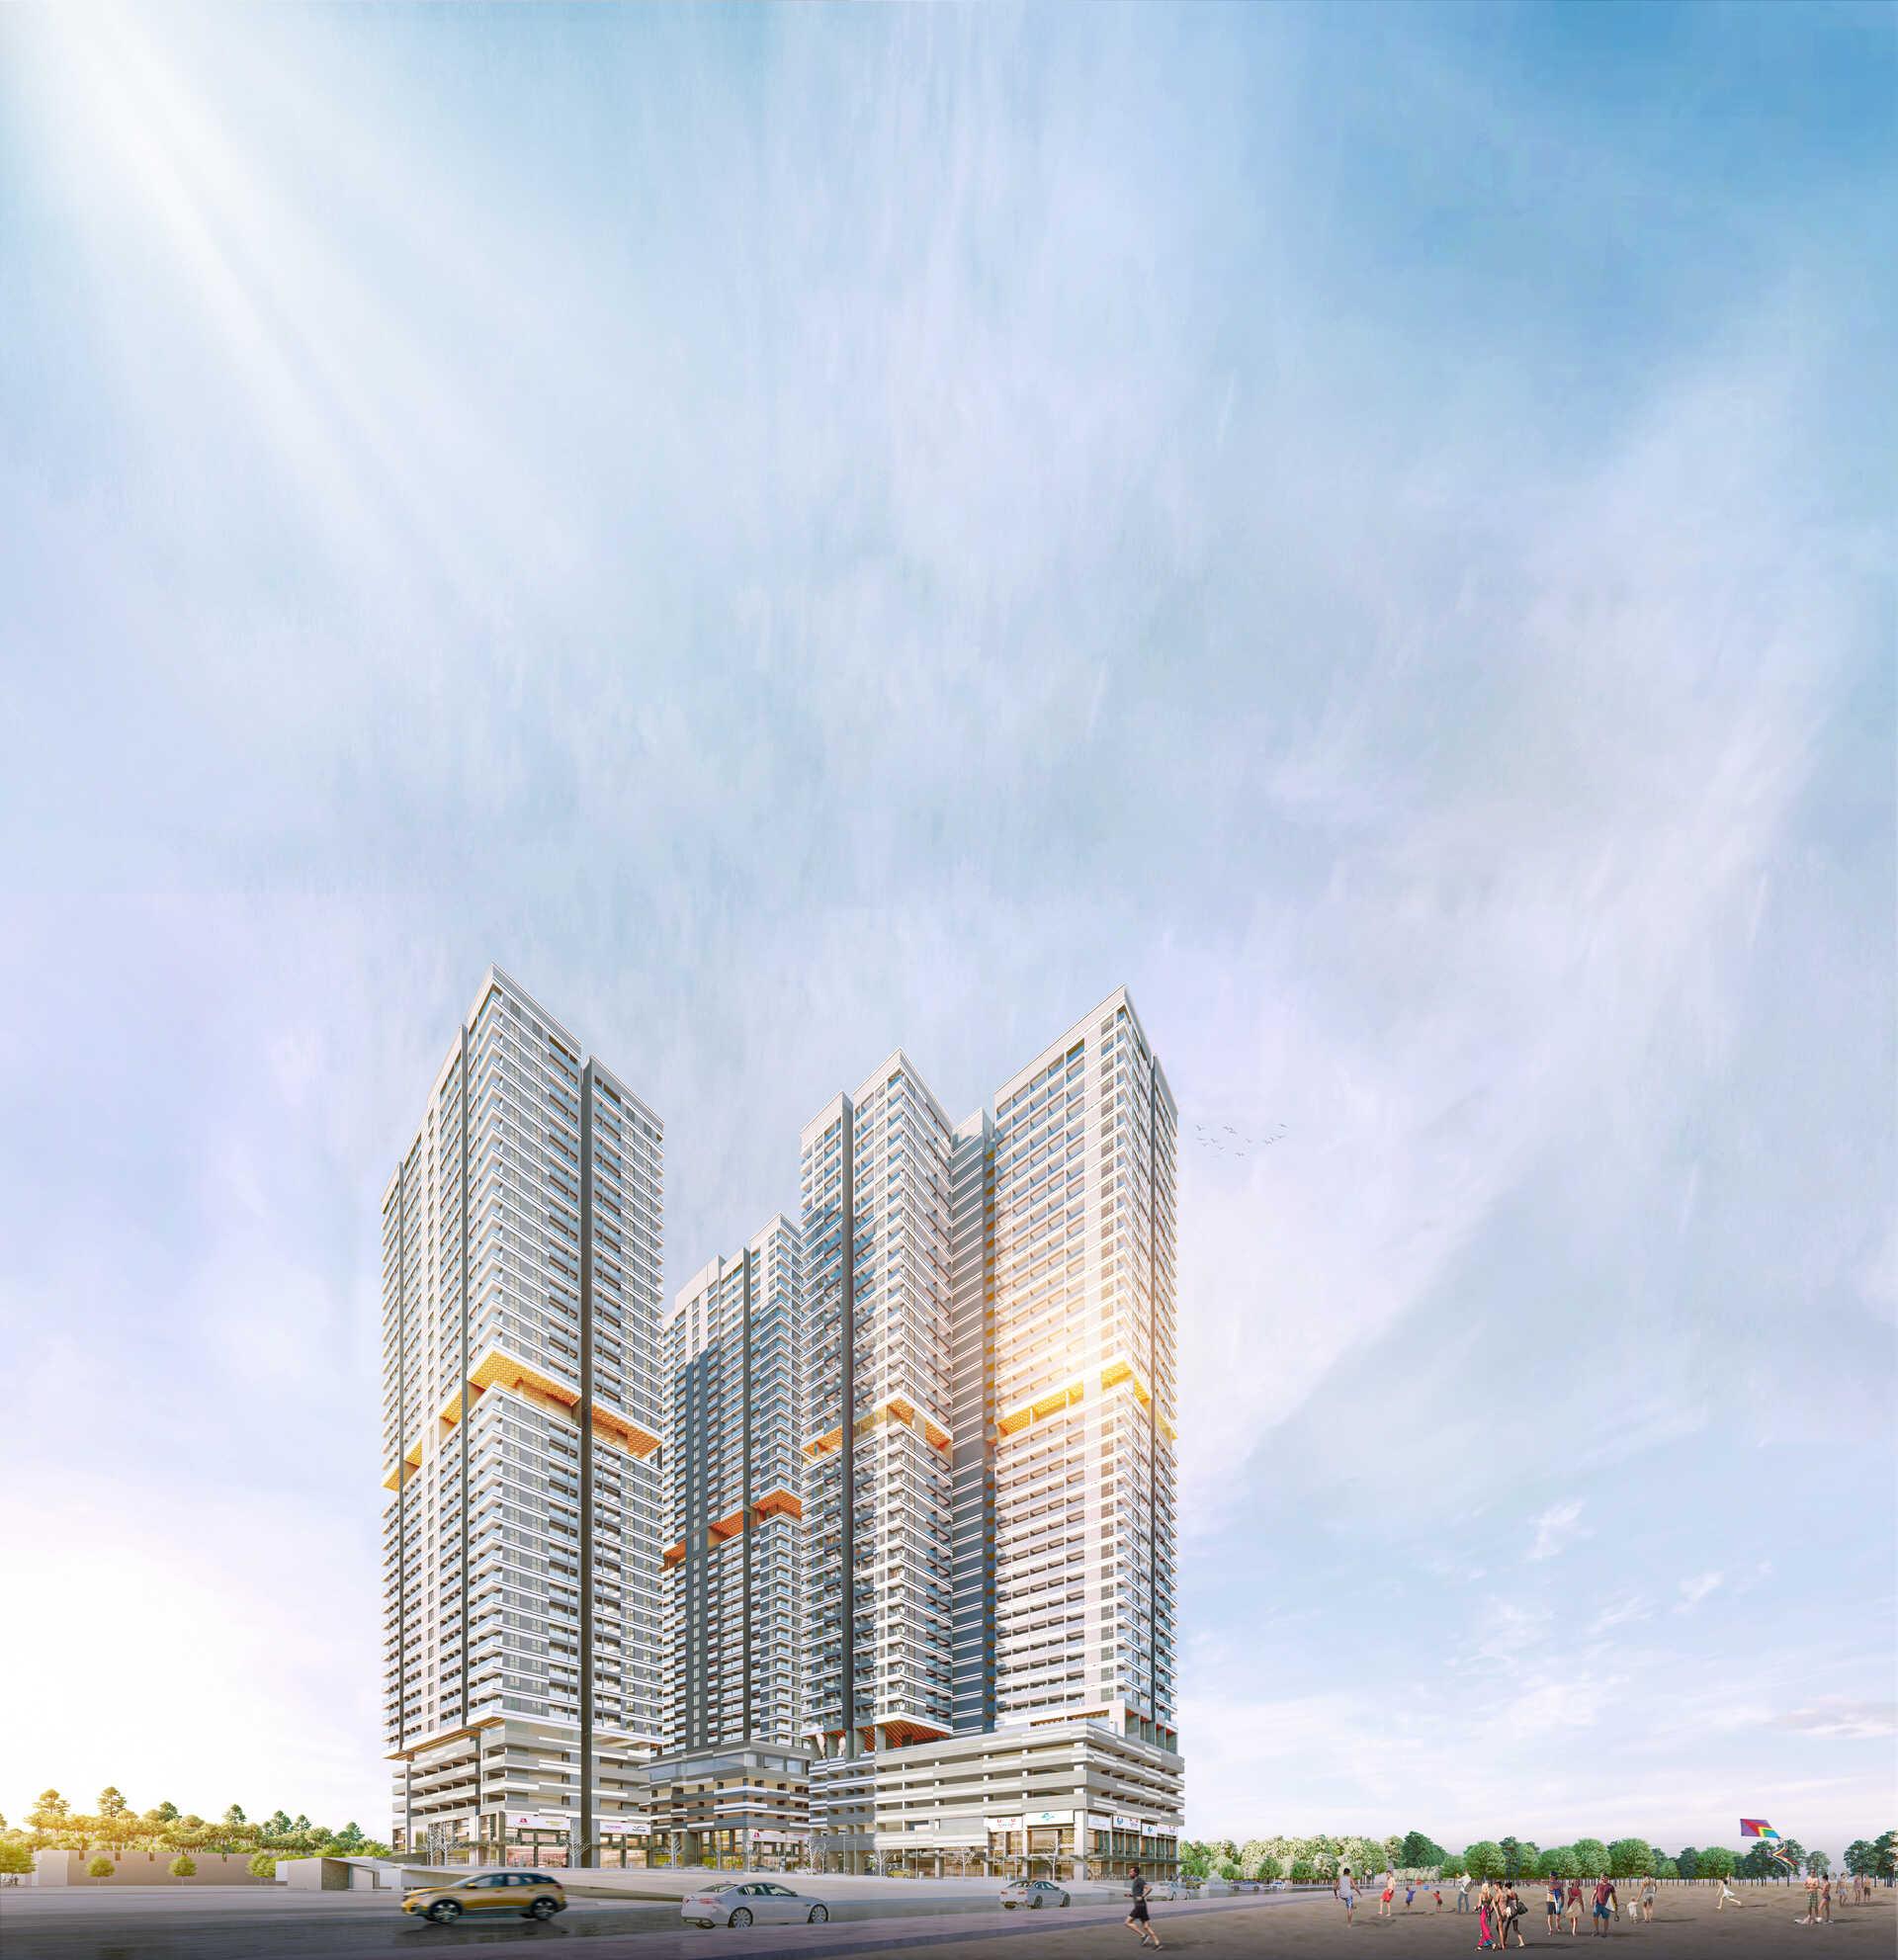 Phối cảnh dự án căn hộ Takashi Ocean Suite Kỳ Co Quy Nhơn Bình Định